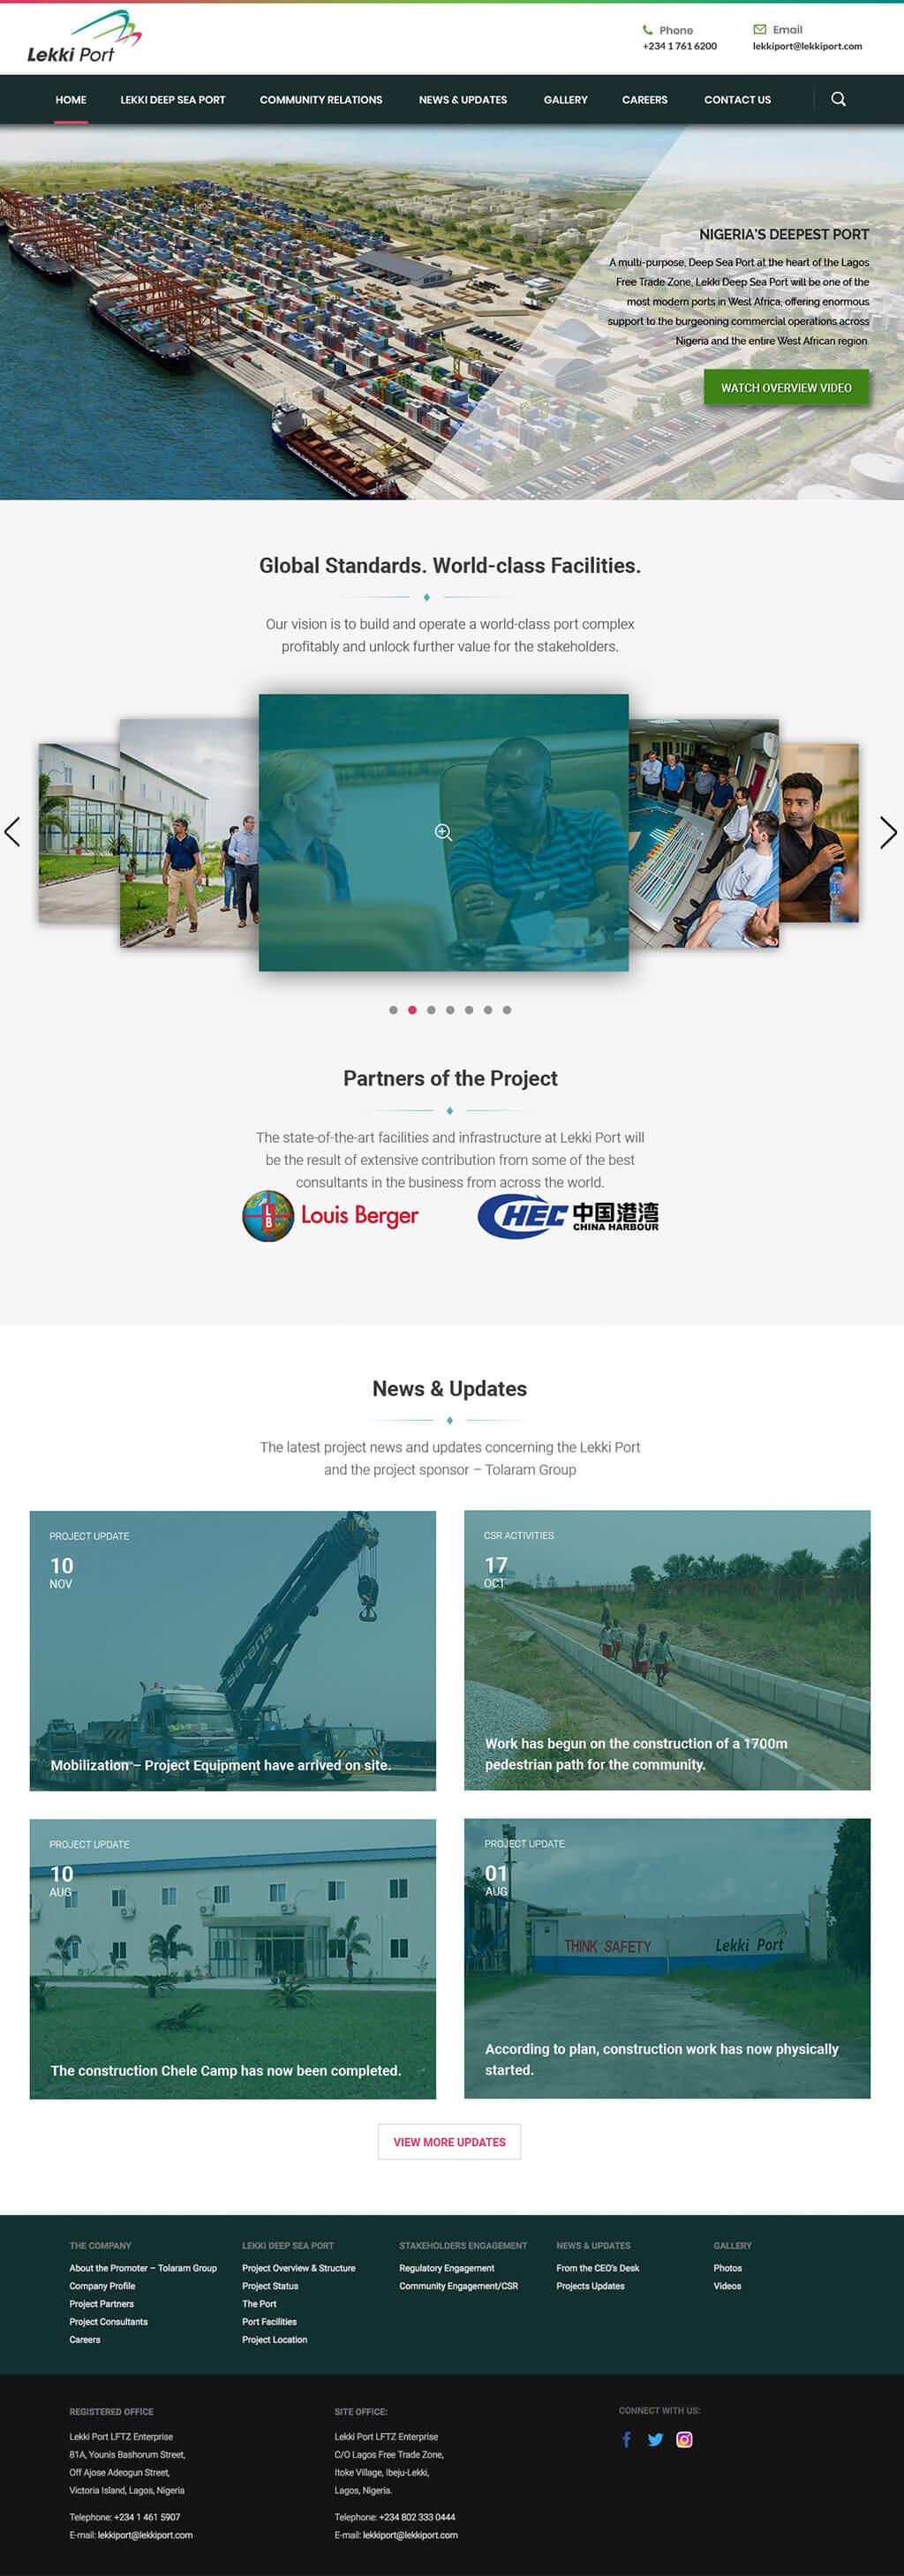 Lekki-Port-website-design-project-page-1